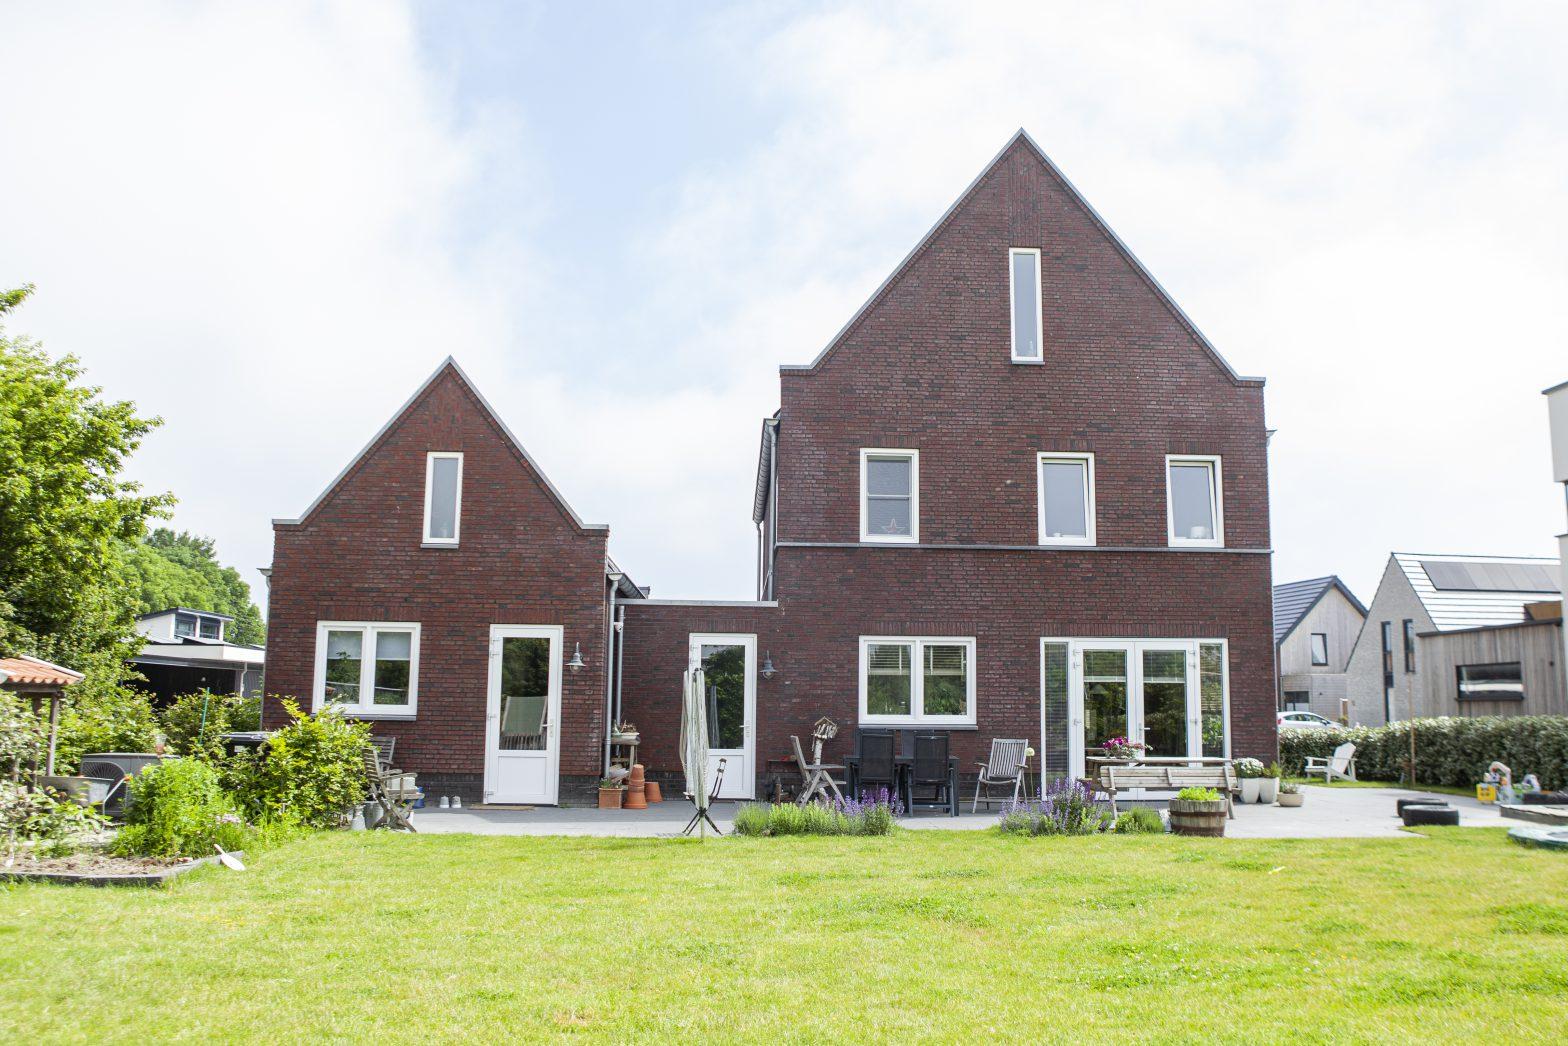 nieuwe-kozijnen-in-middelburg-dakisolatie-in-zeeland-isoleren-van-uw-woning-op-walcheren-Ons-werk-projecten-onze-huizen-Willeboer-&-Versluis